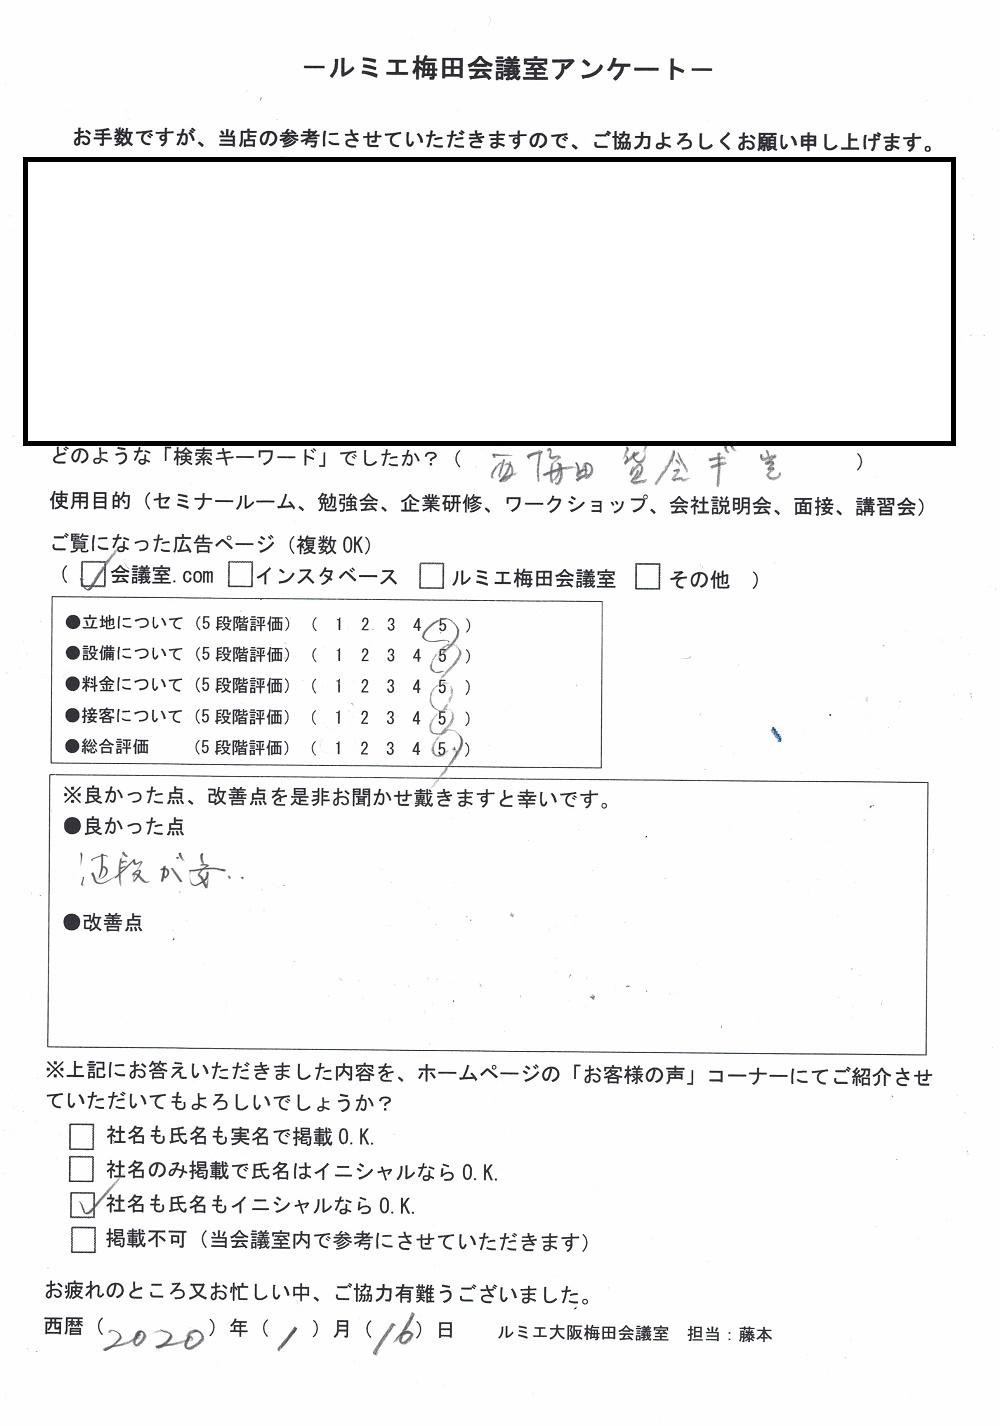 大阪 梅田の格安 貸し会議室はルミエ 大阪 梅田 貸し会議室のお客様の声20200117